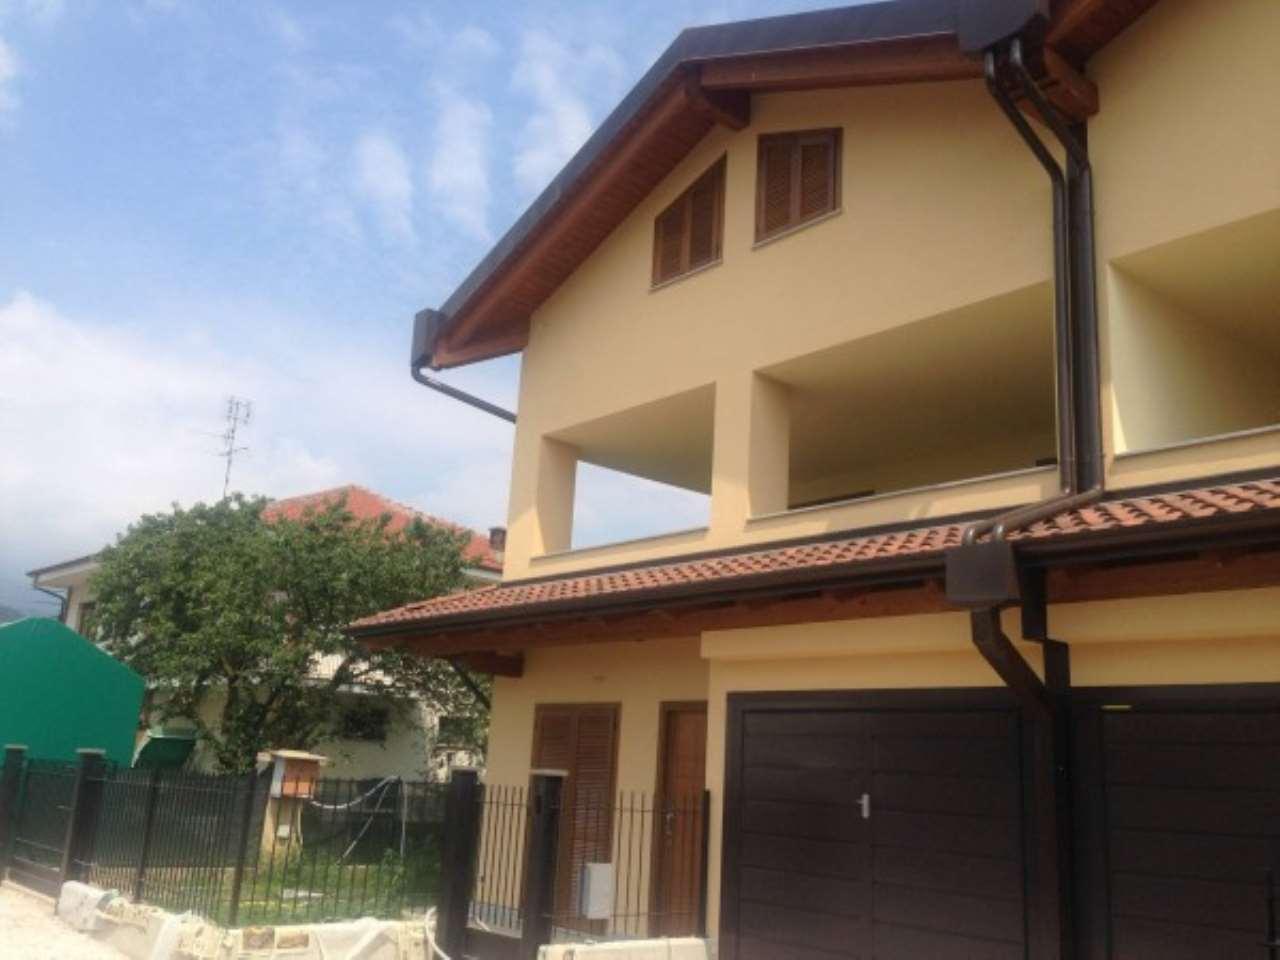 Villa in vendita a Cumiana, 5 locali, prezzo € 295.000 | Cambio Casa.it